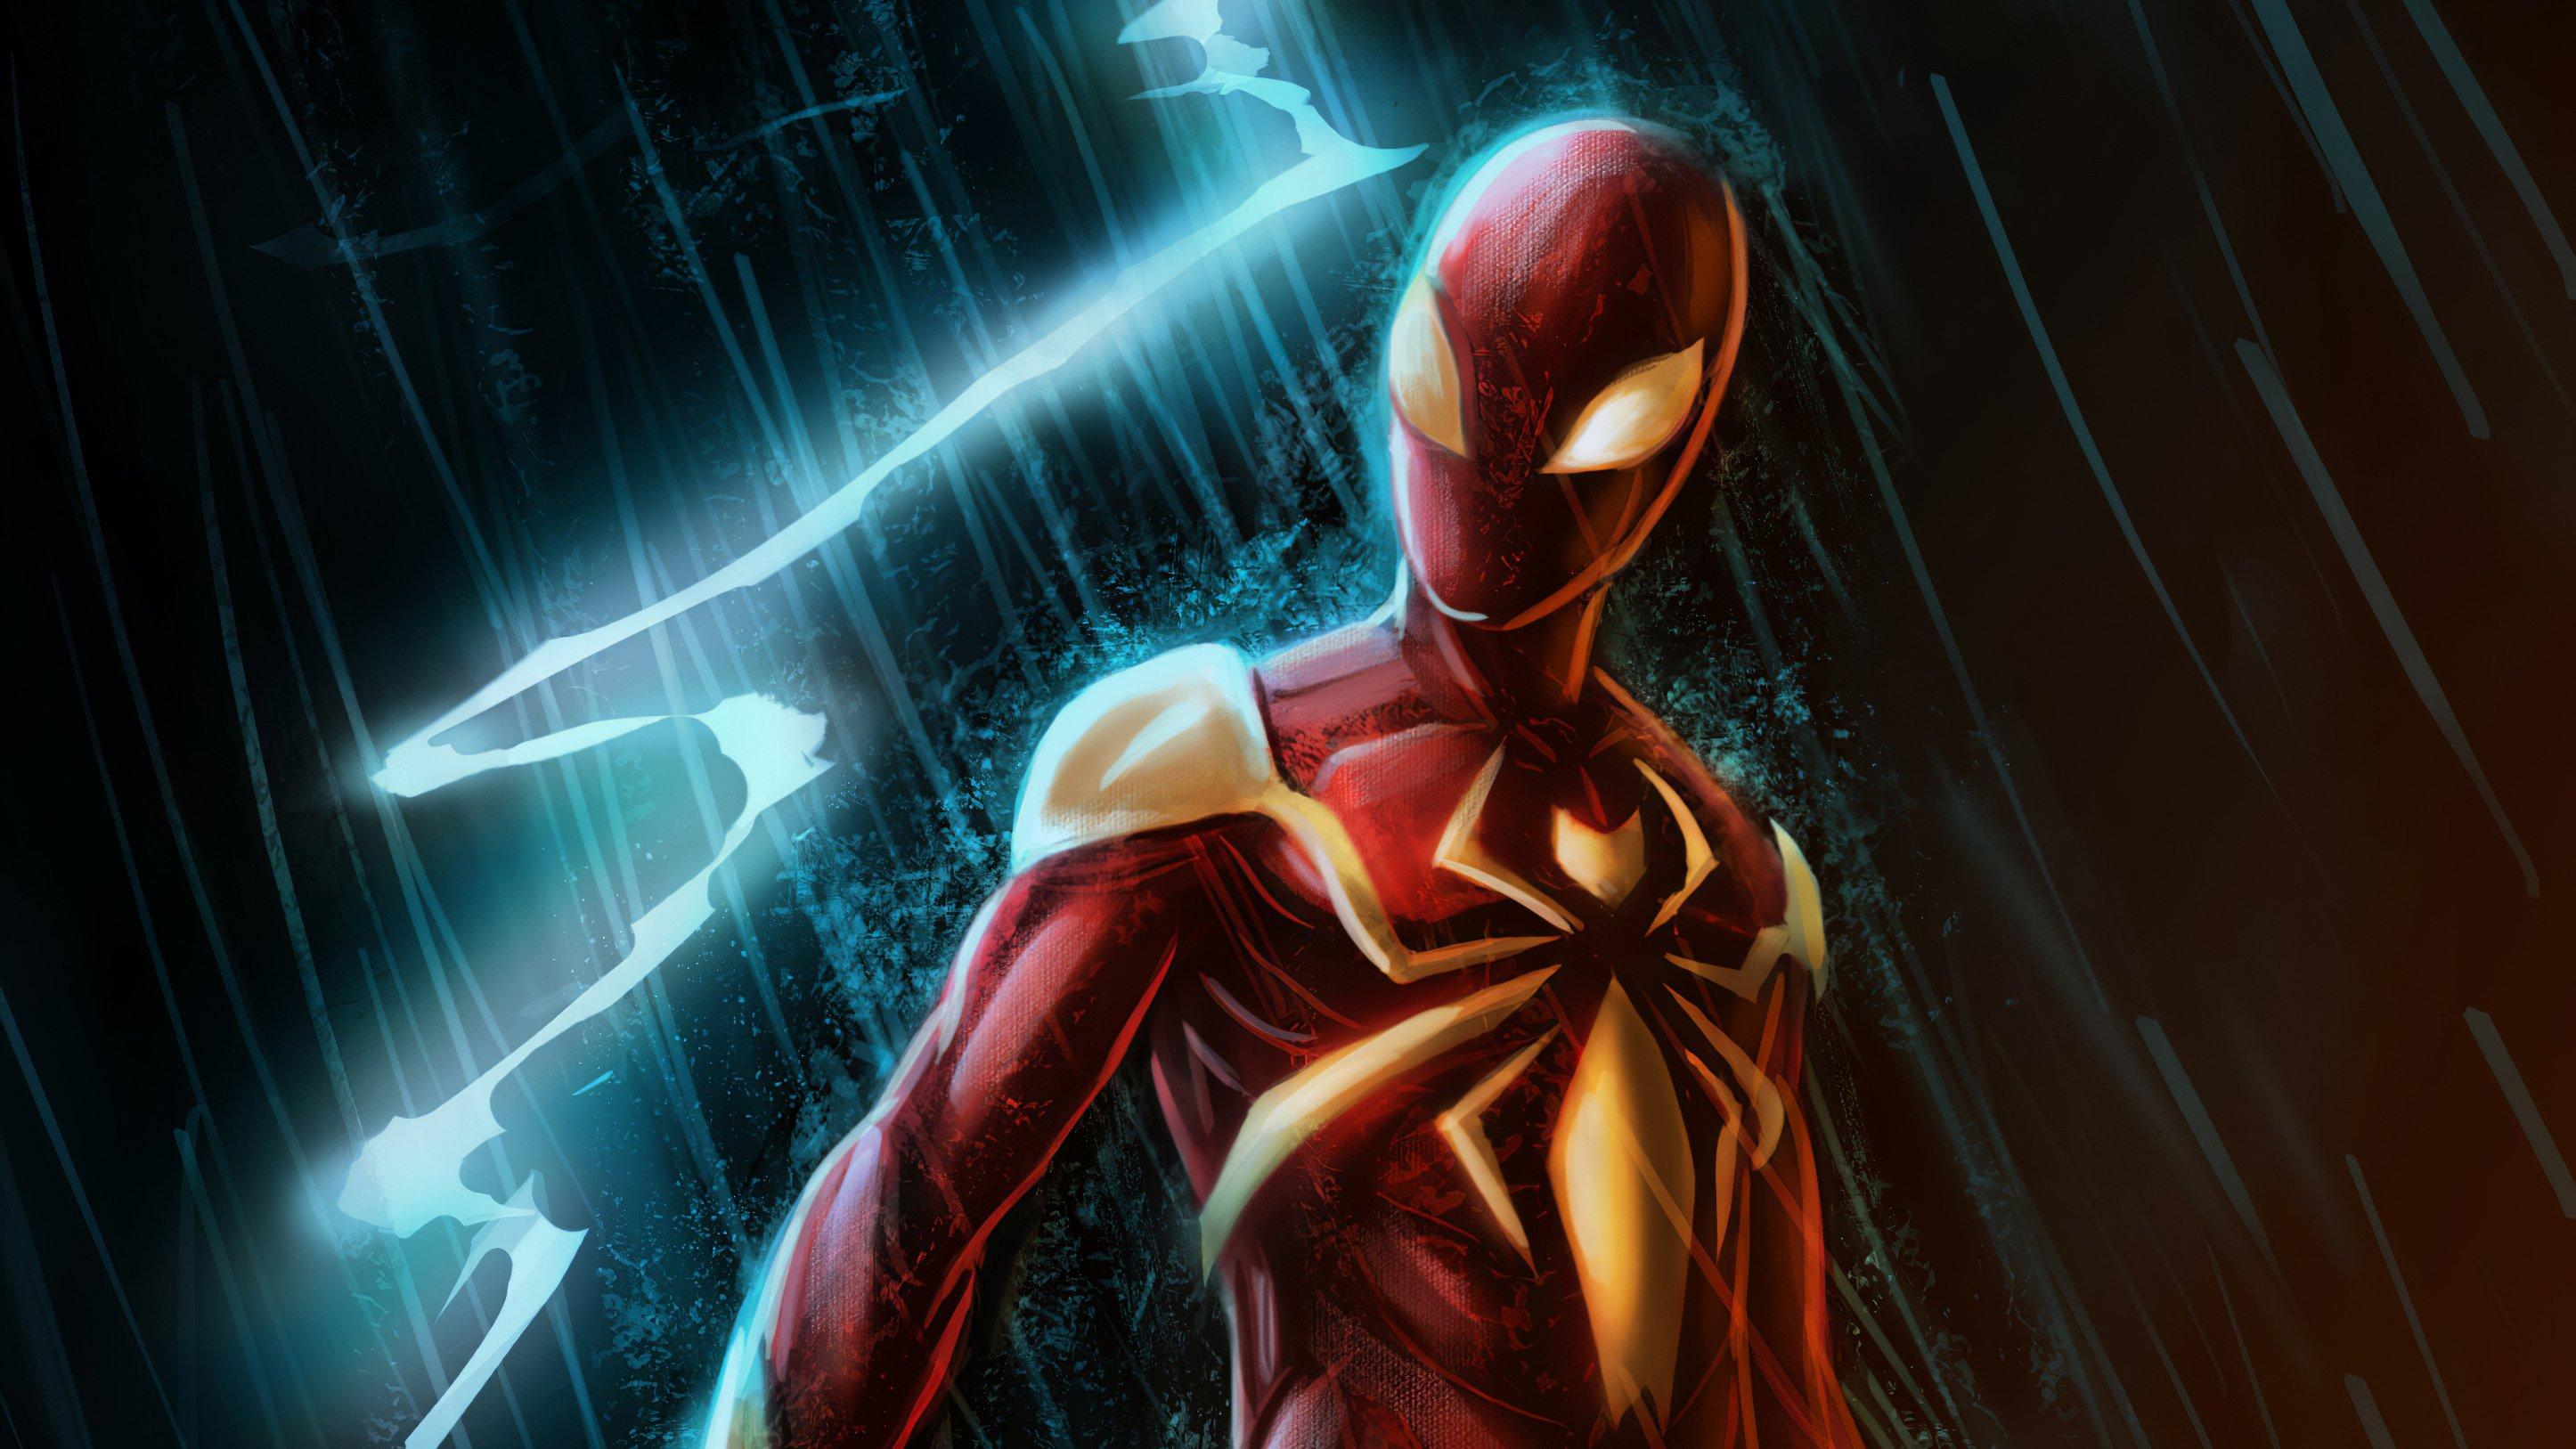 Fondos de pantalla El hombre araña con traje rojo y dorado